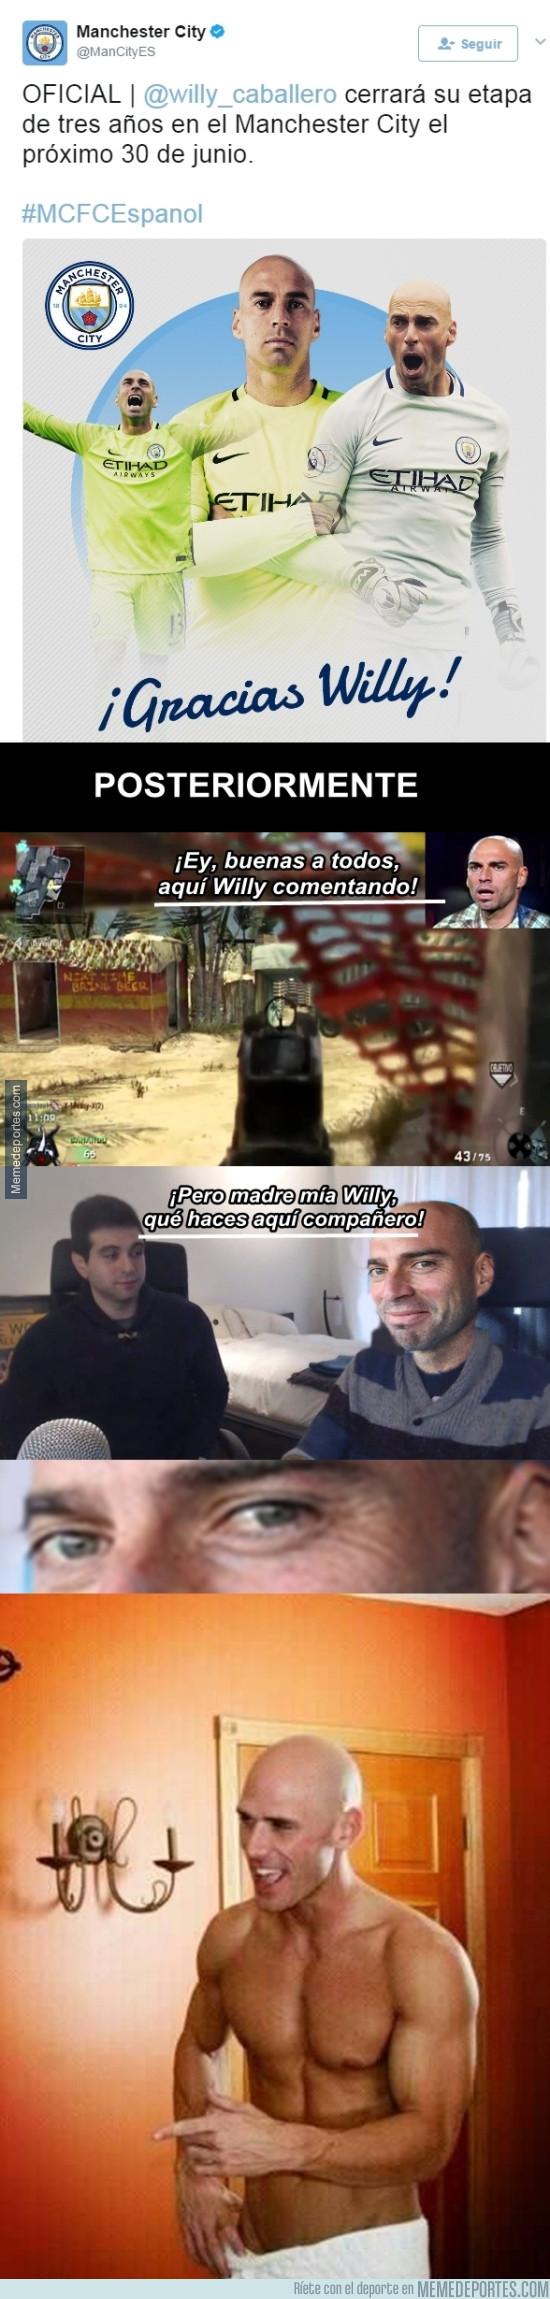 978002 - Nueva forma de vida de Willy Caballero